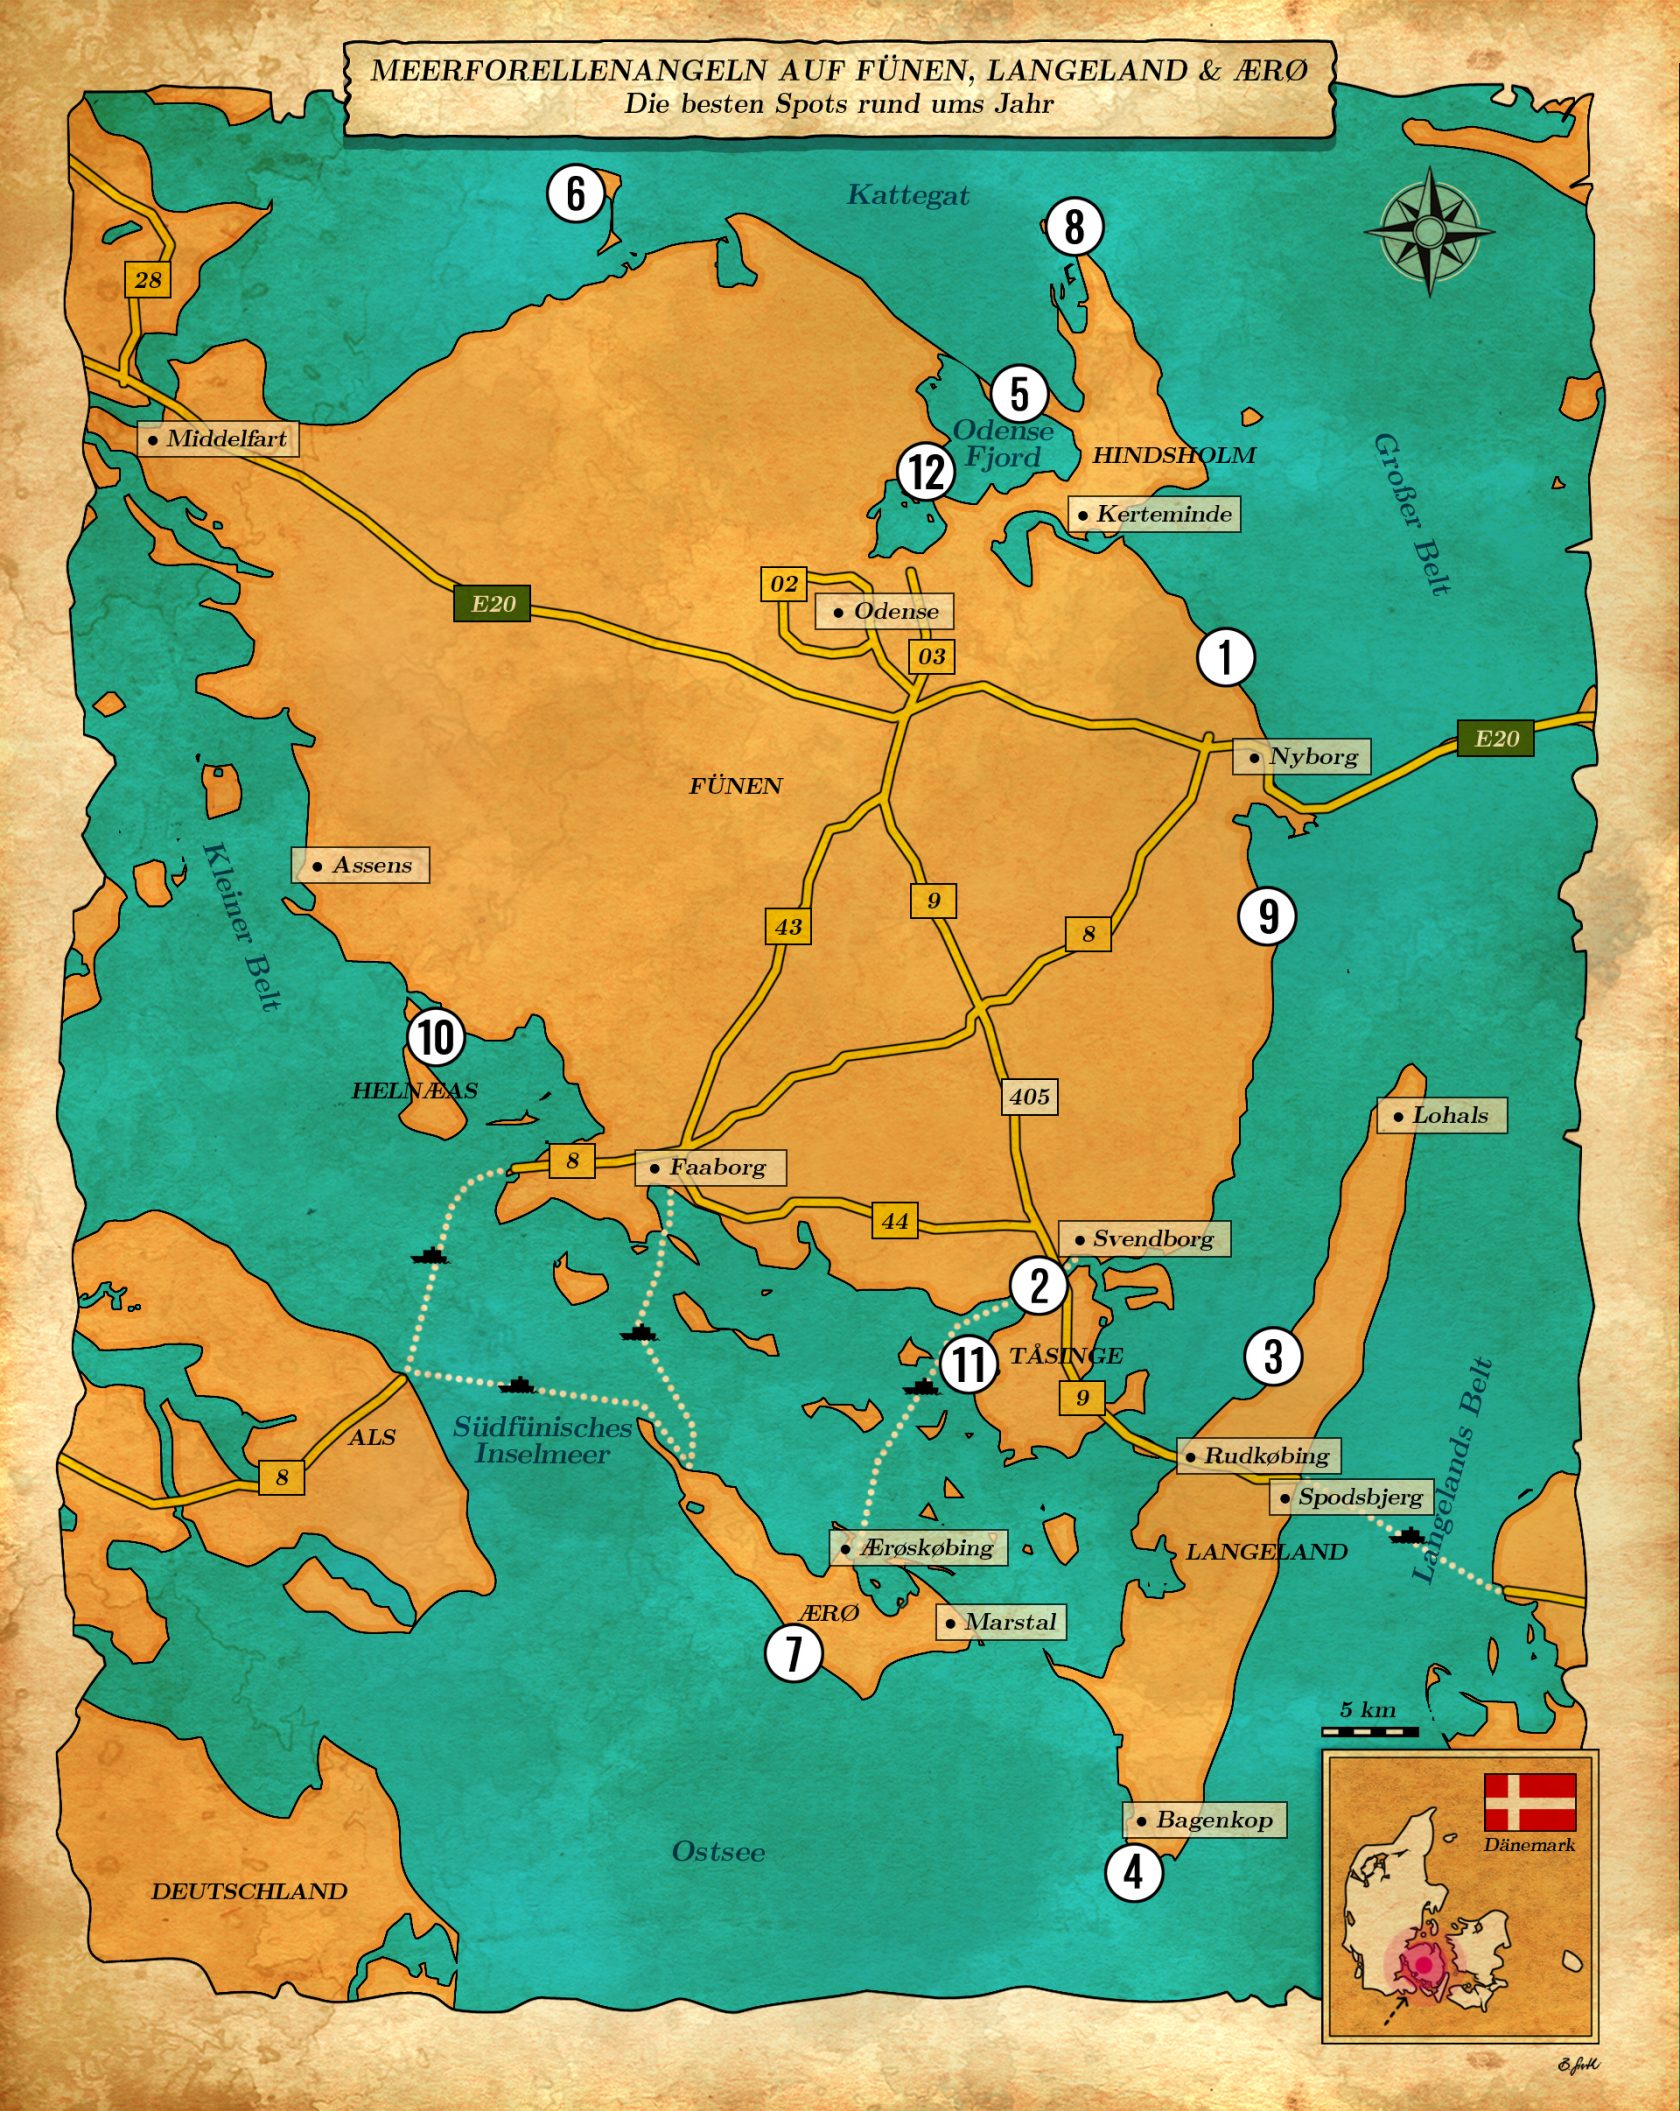 Karte mit Angelplätzen auf der Insel Fünen